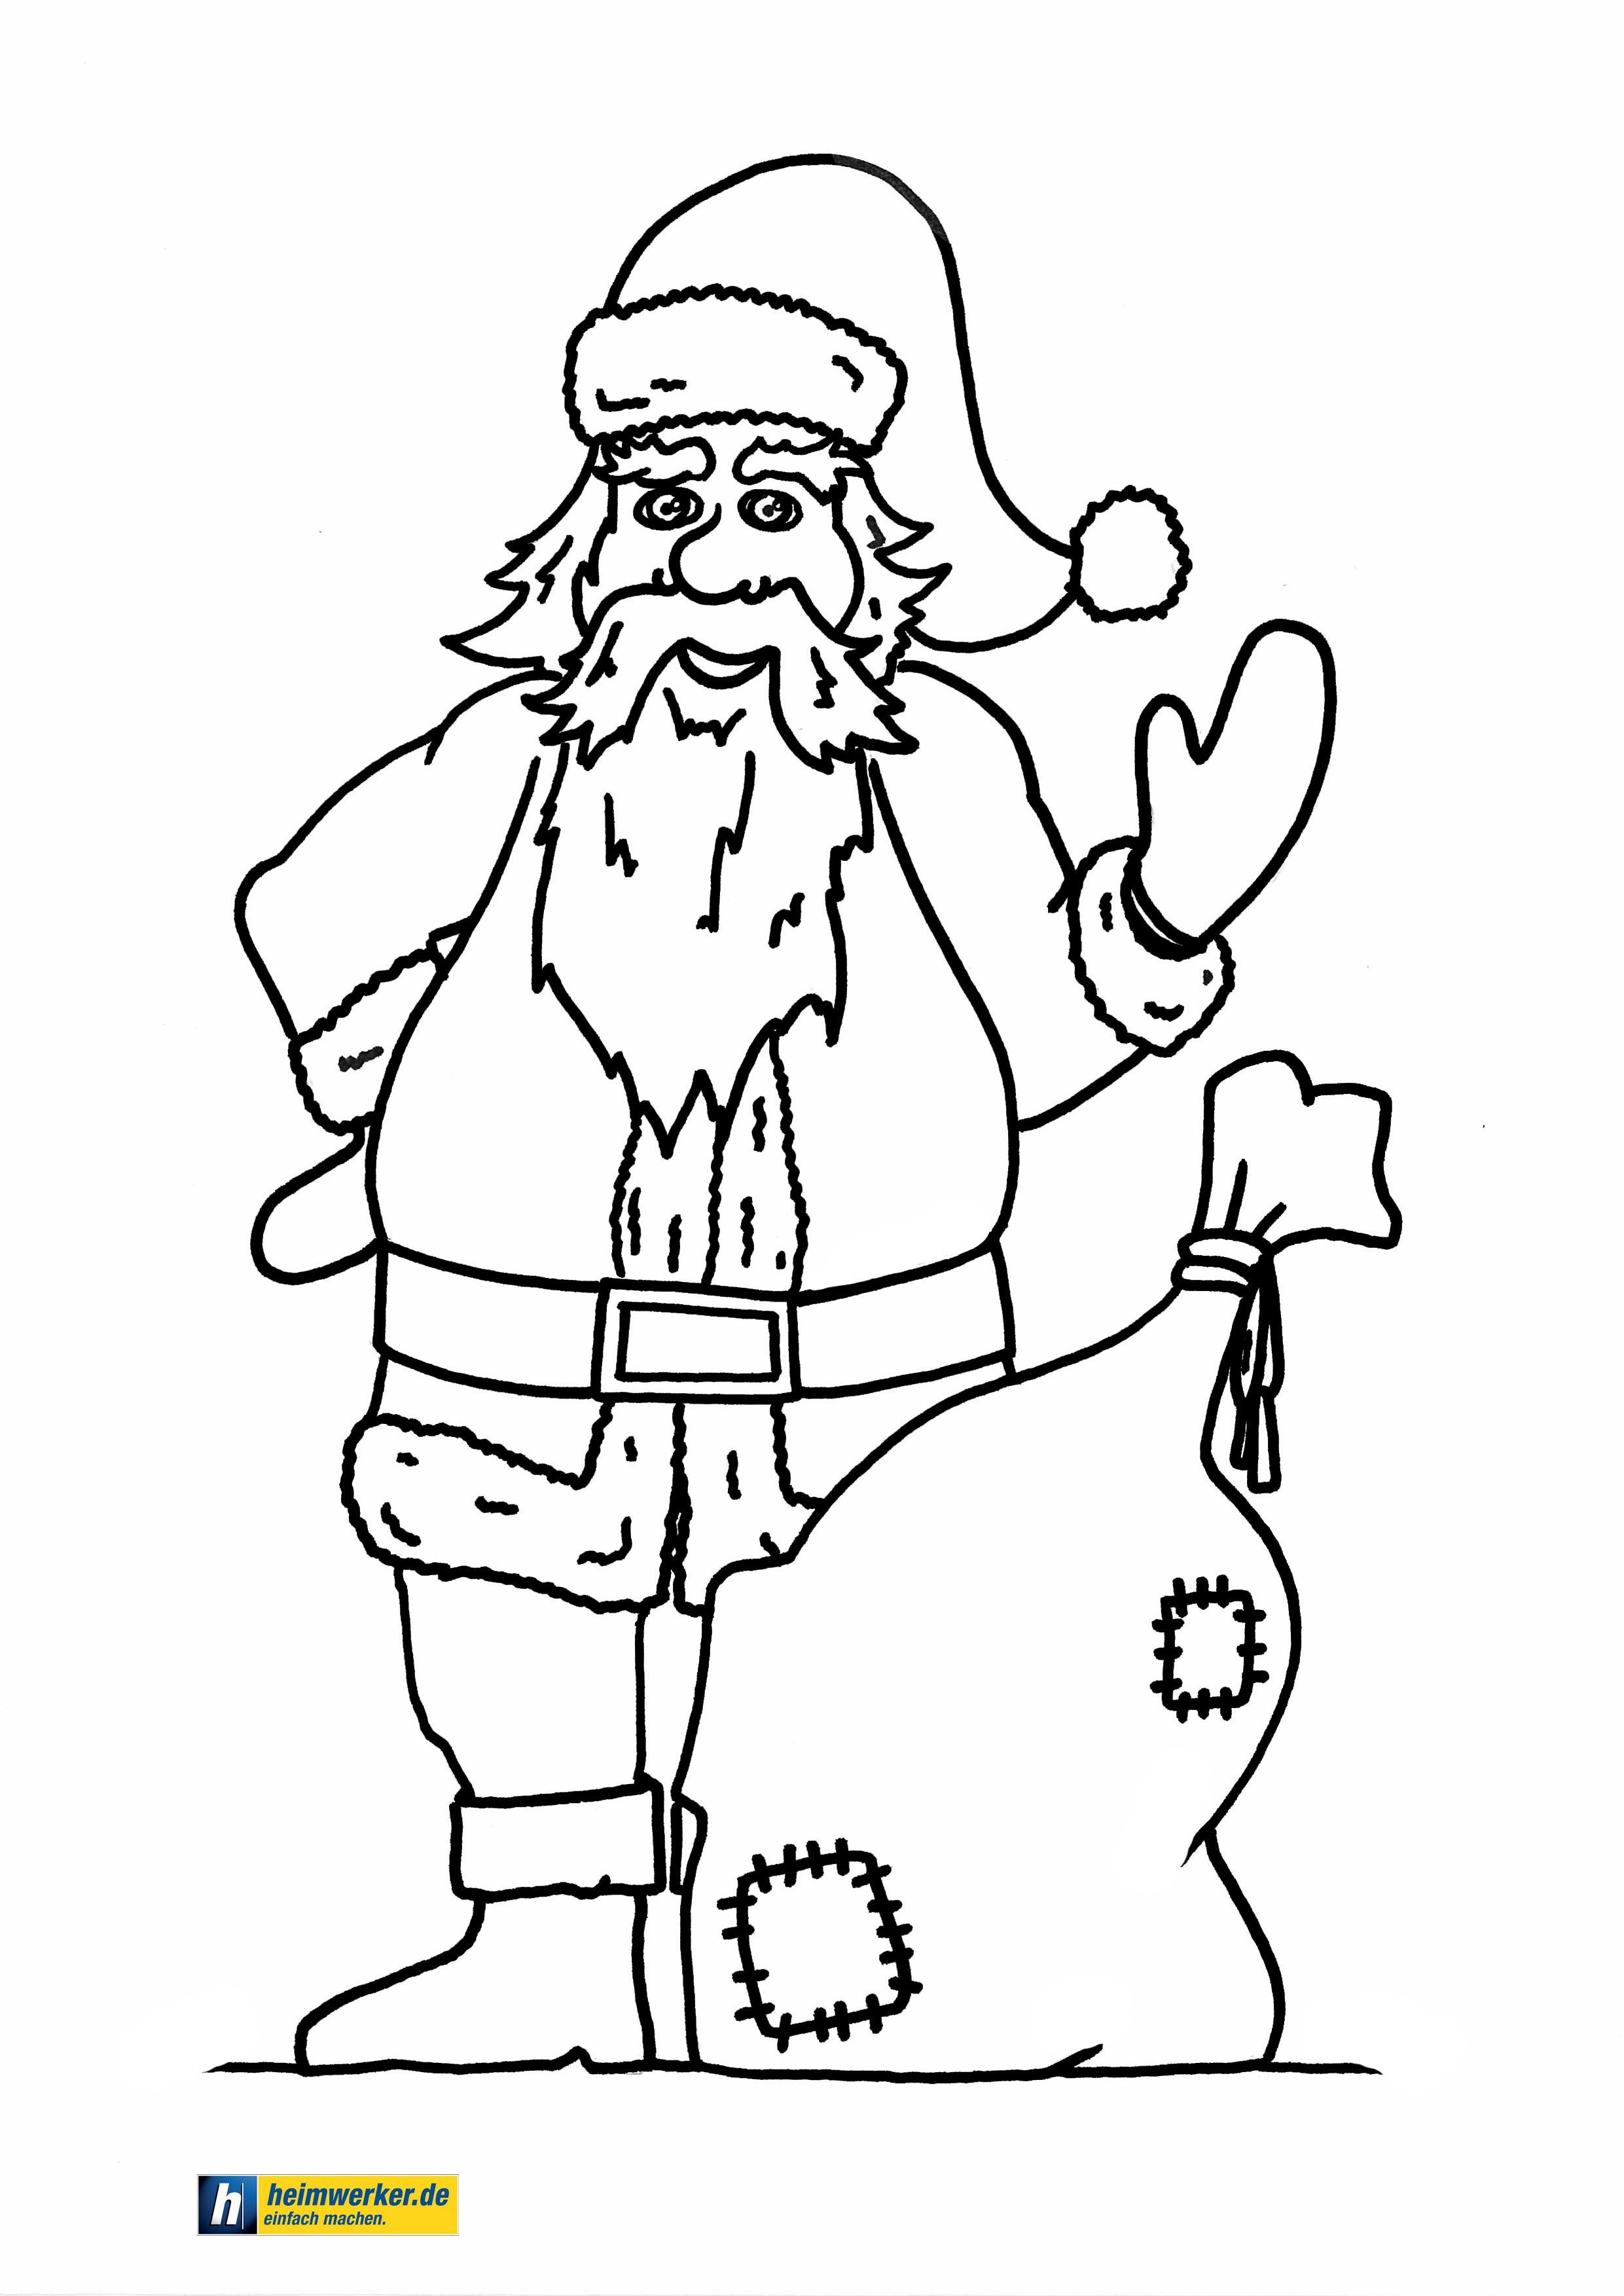 Ausmalbilder Weihnachten Christlich Das Beste Von Schablonen Weihnachtsmotive Zum Ausdrucken tongramp Galerie